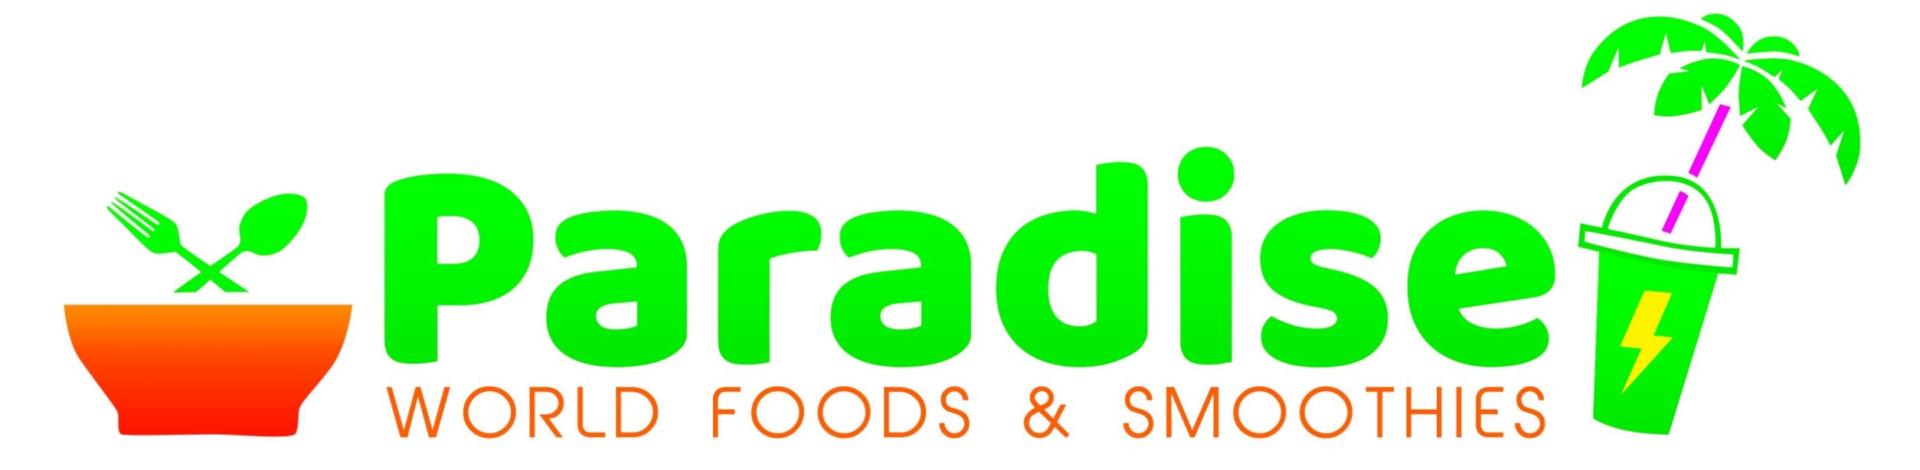 Paradise World Foods & Smoothies